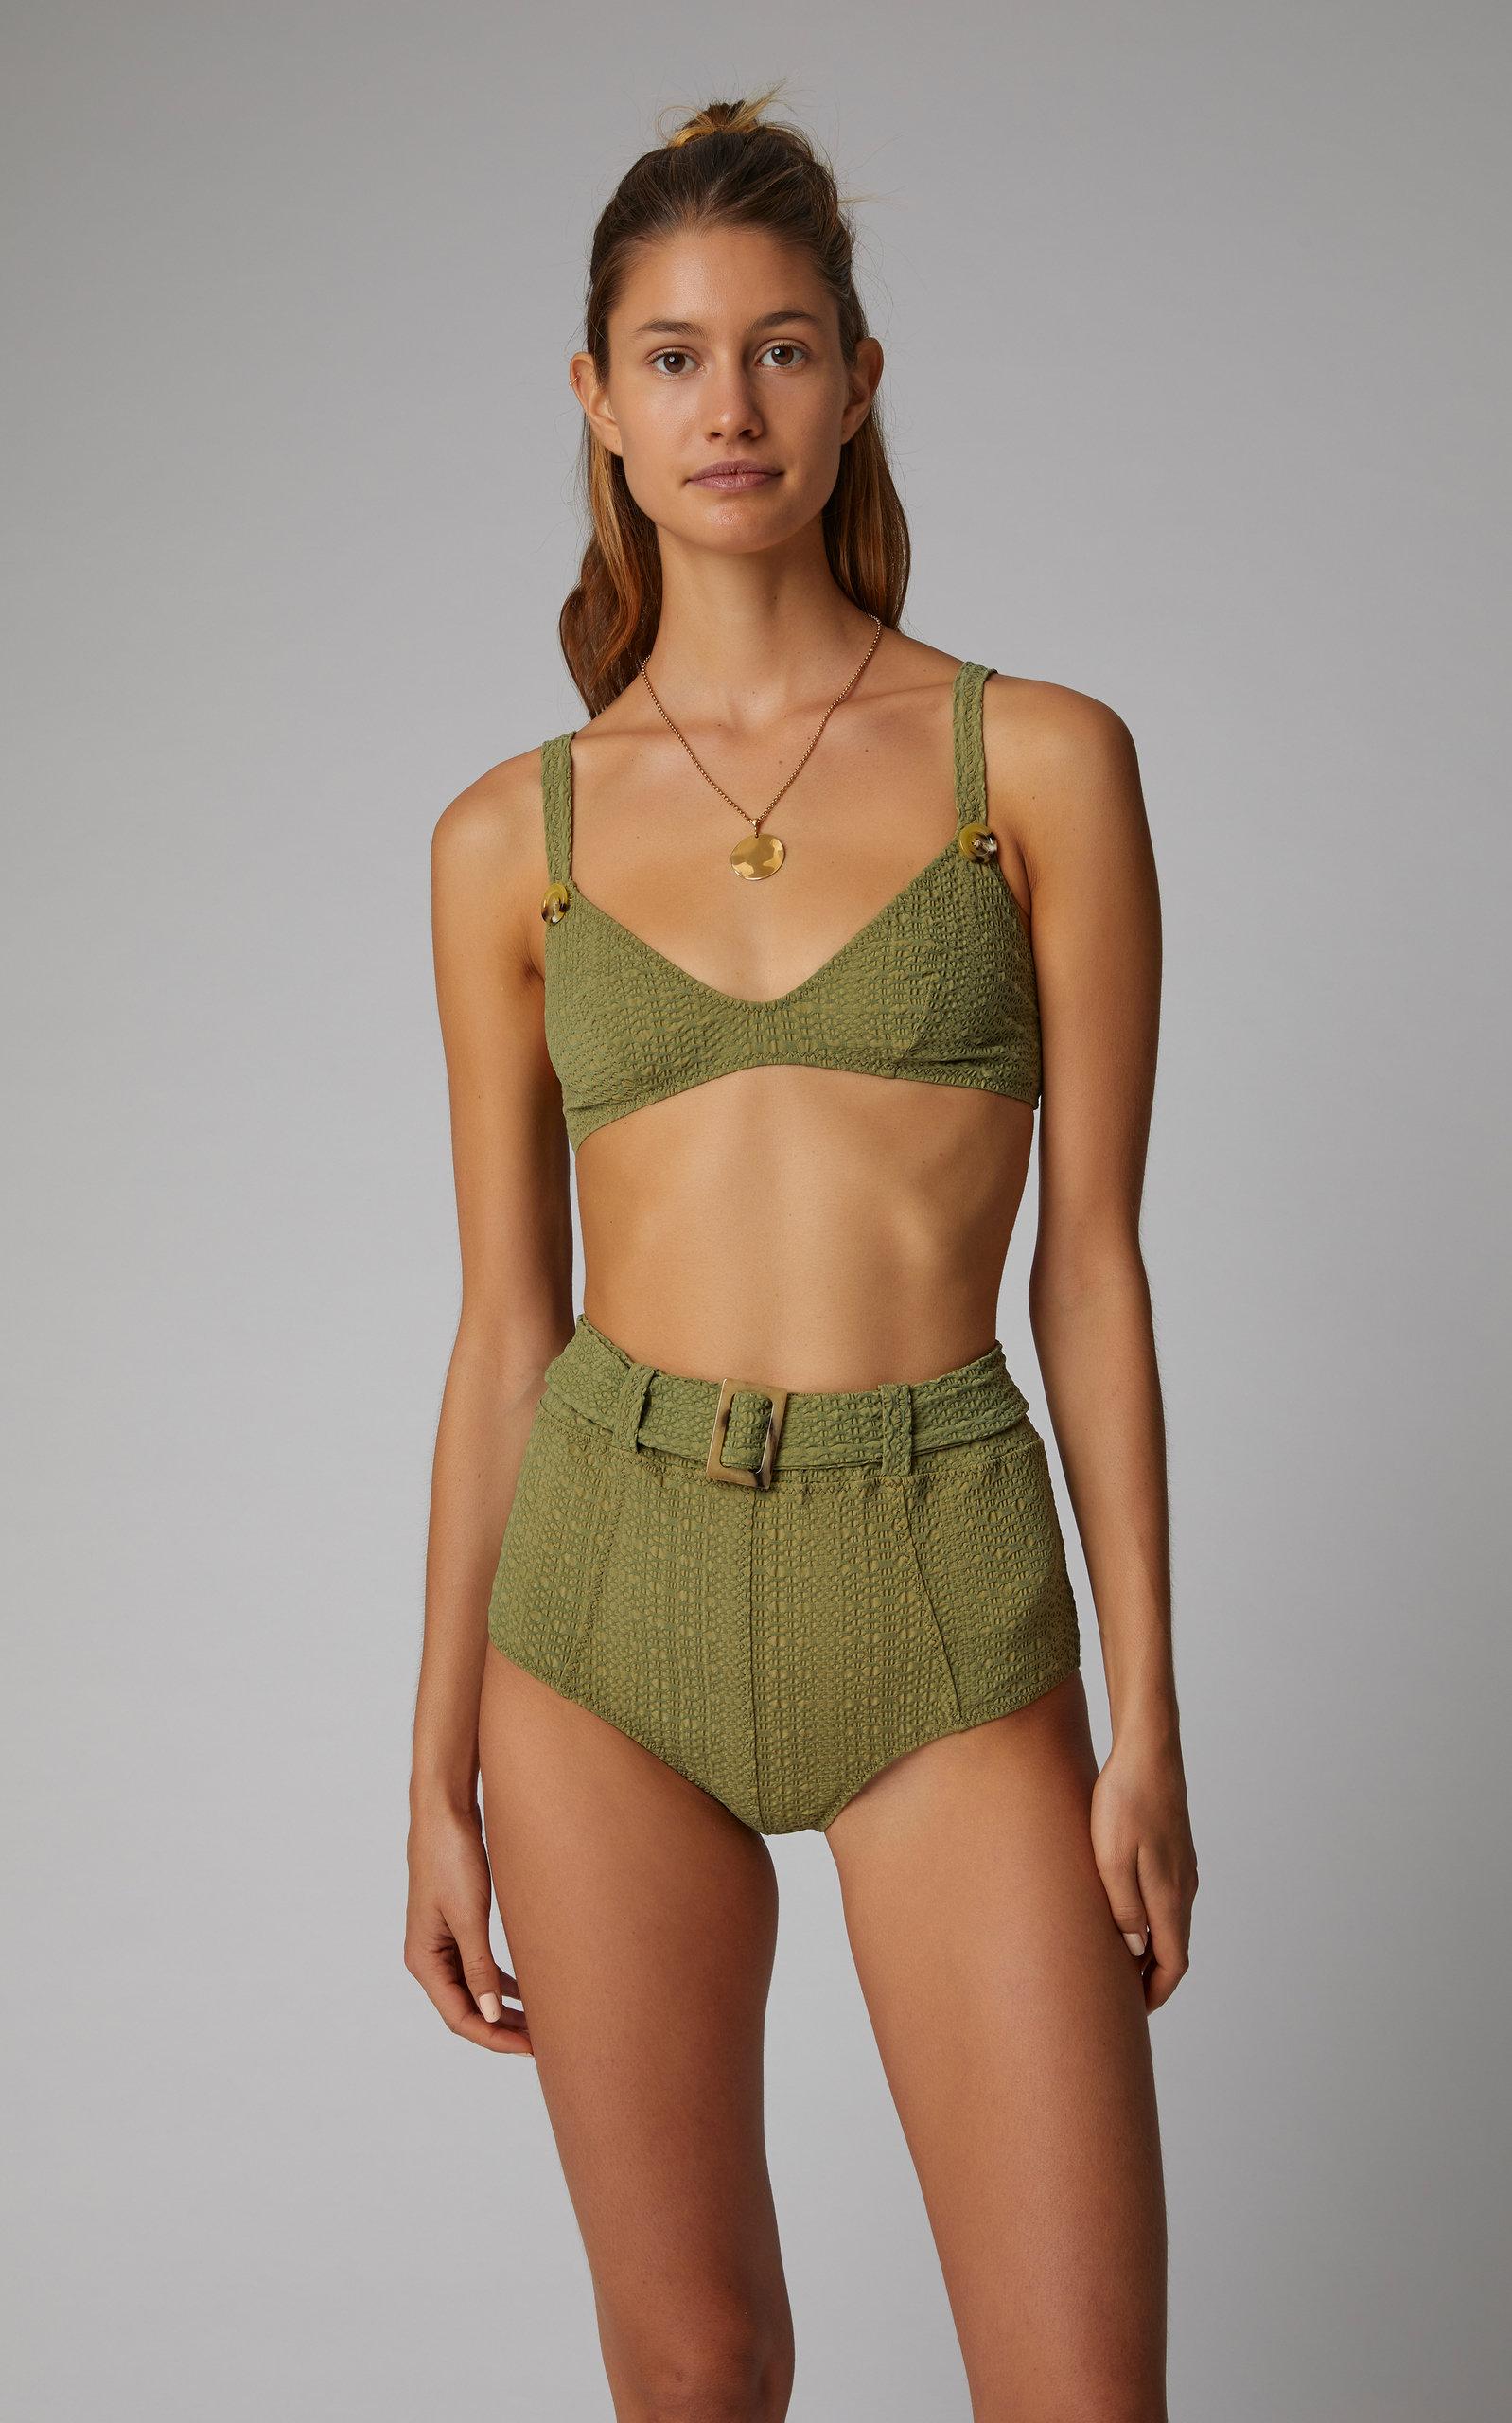 591c63702bab0 Magdalena Belted High-Waist Bikini by Lisa Marie | Moda Operandi